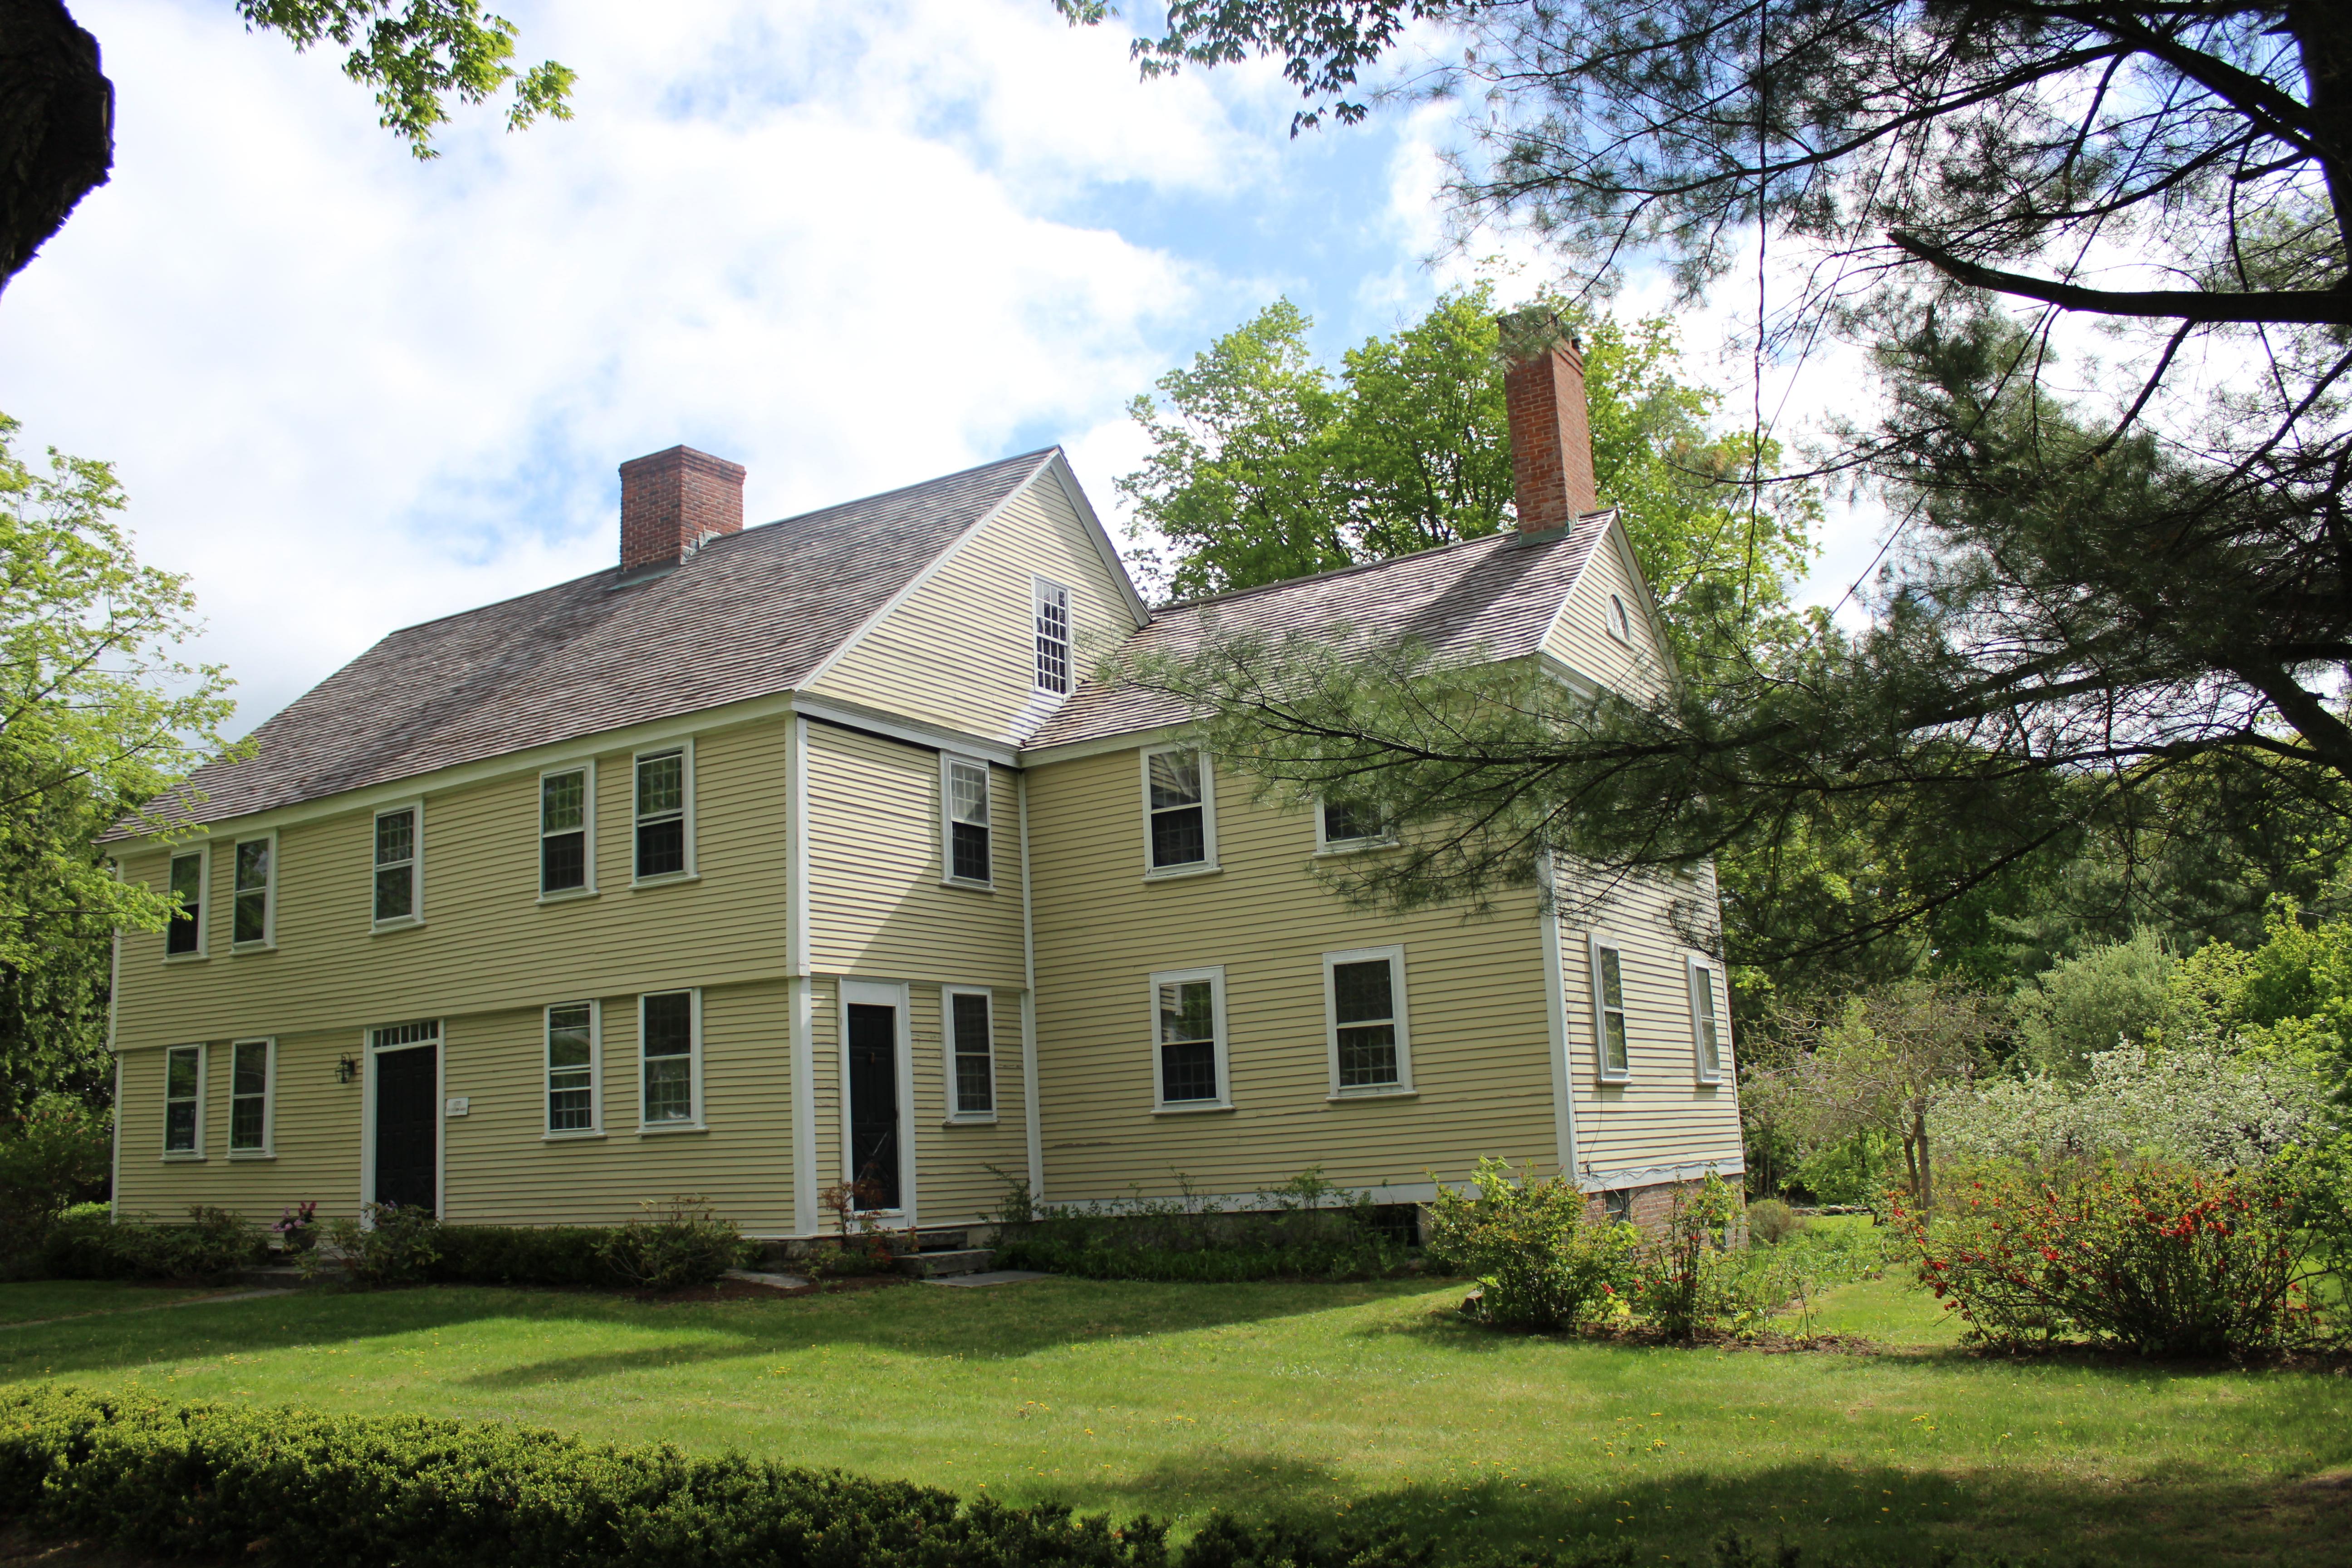 Casa Unifamiliar por un Venta en The Doctor Reuben Smith House 74 North St Litchfield, Connecticut 06759 Estados Unidos